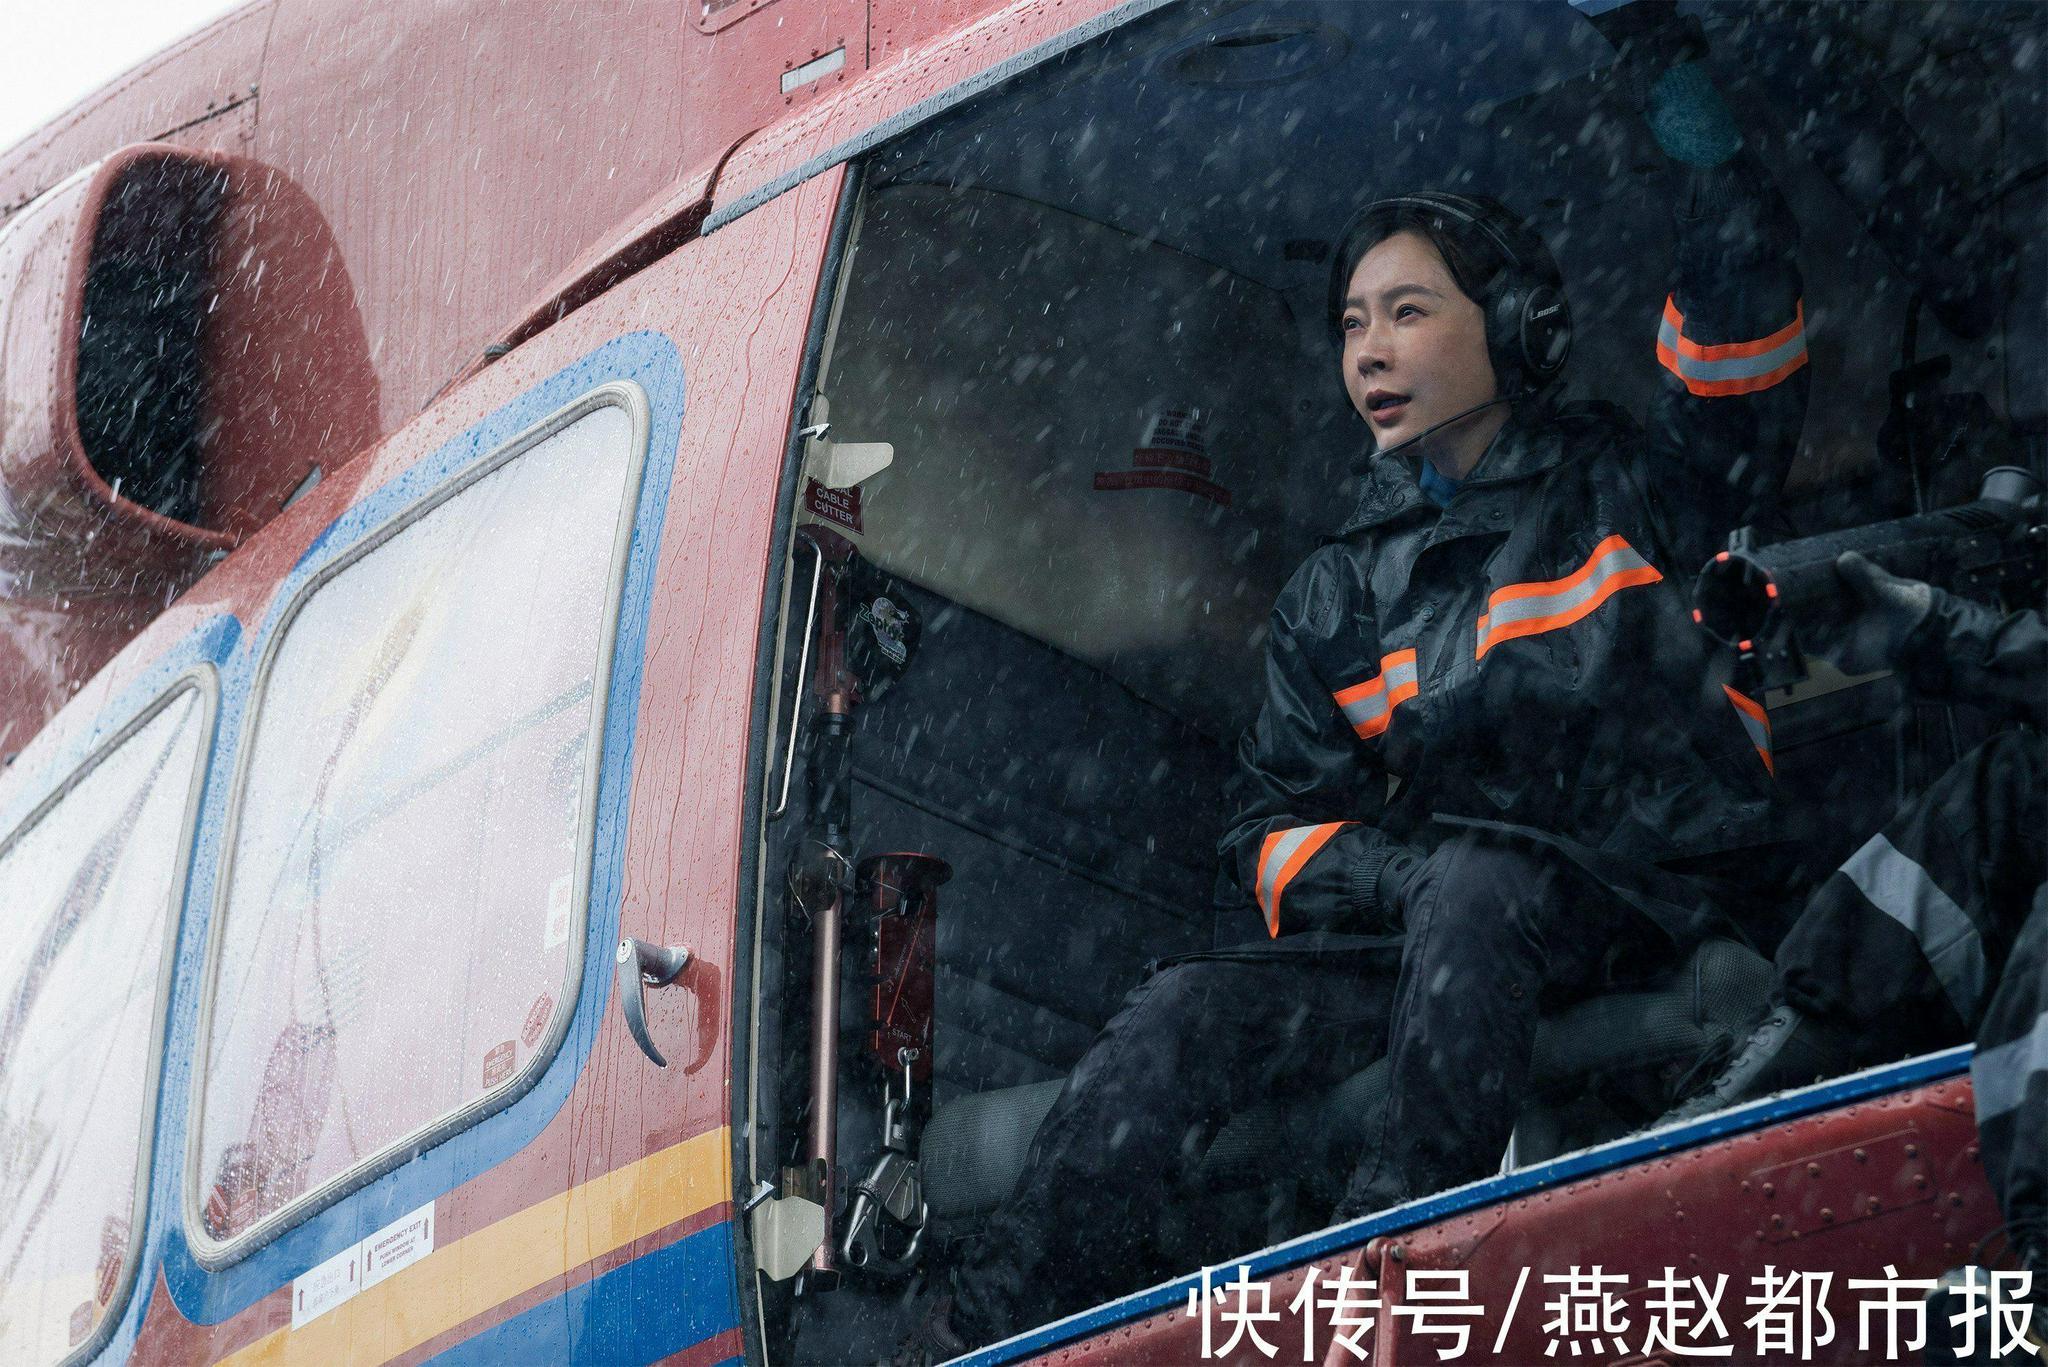 朱一龙黄志忠新片《峰爆》聚焦中国式救援 票房破3000万